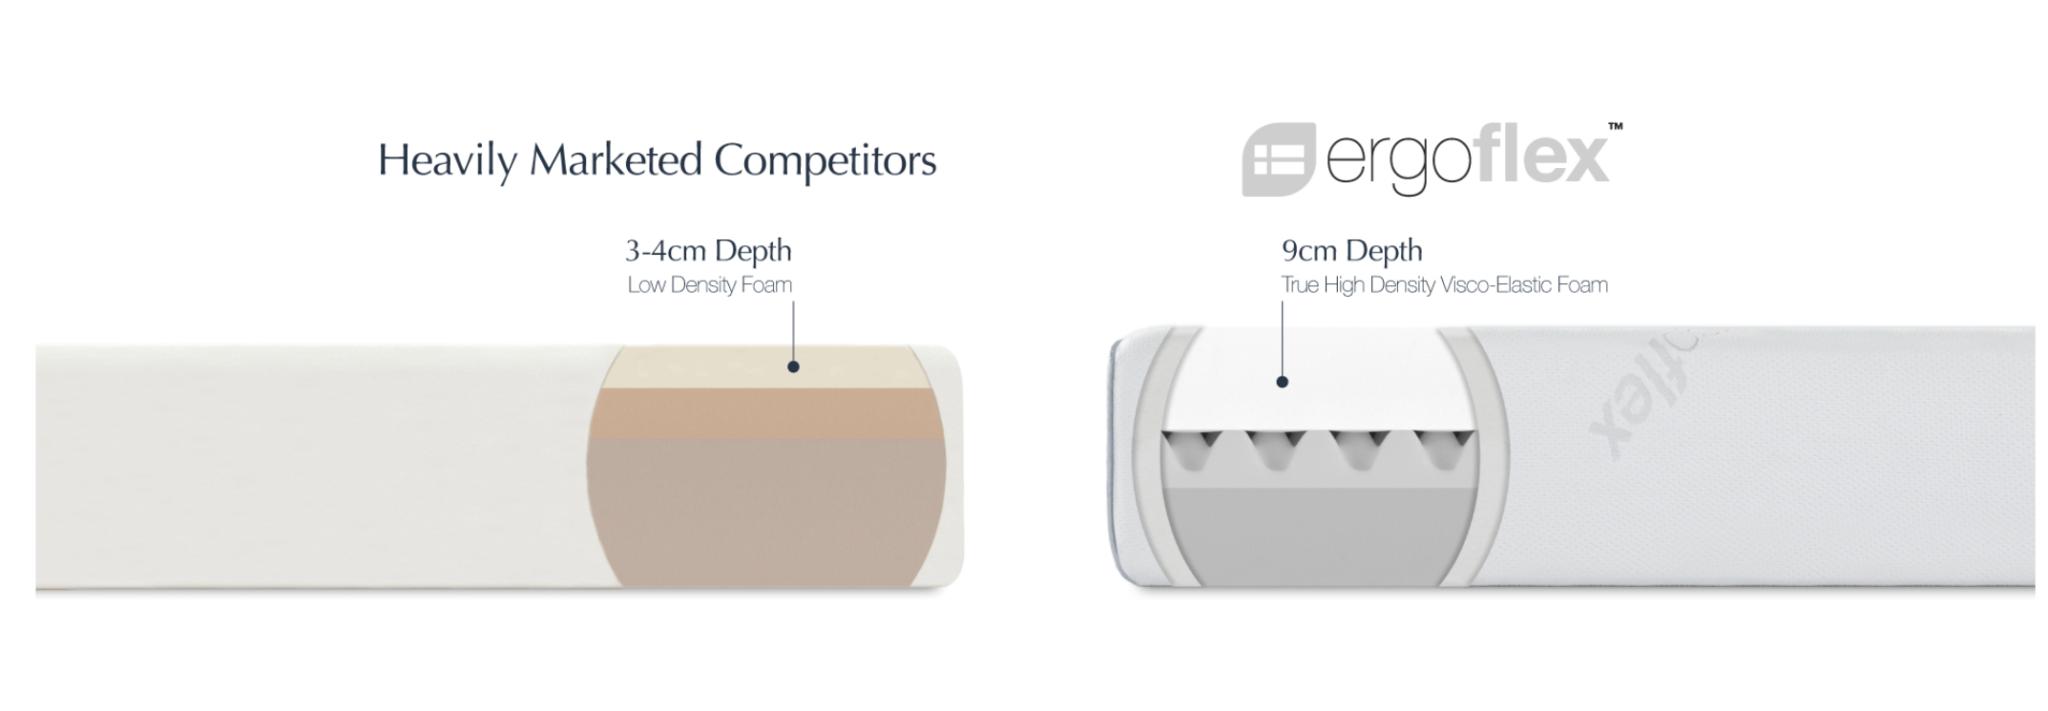 Ergoflex Mattress comparison